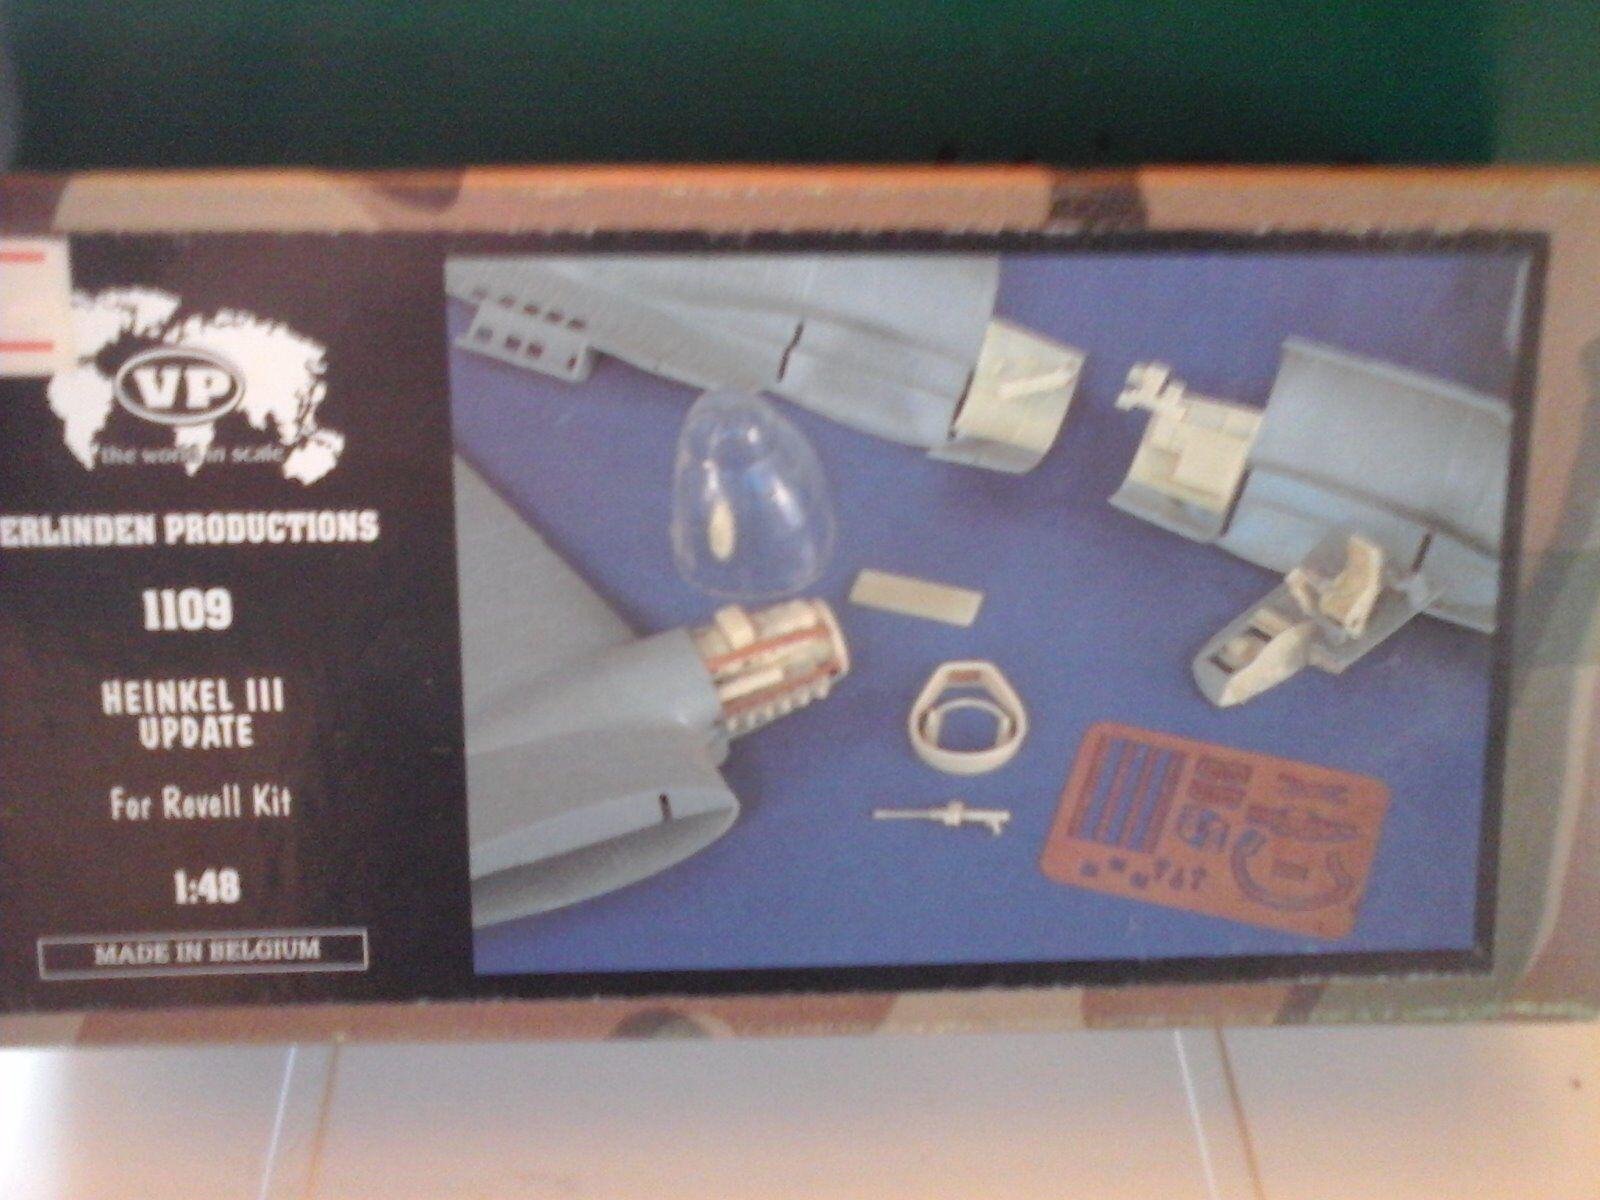 diseños exclusivos HEINKEL 111 UPDATE SET 1 48 48 48 SCALE VERLINDEN ACCESSORIES RESIN+PHOTOETCHED PARTS  tienda de venta en línea